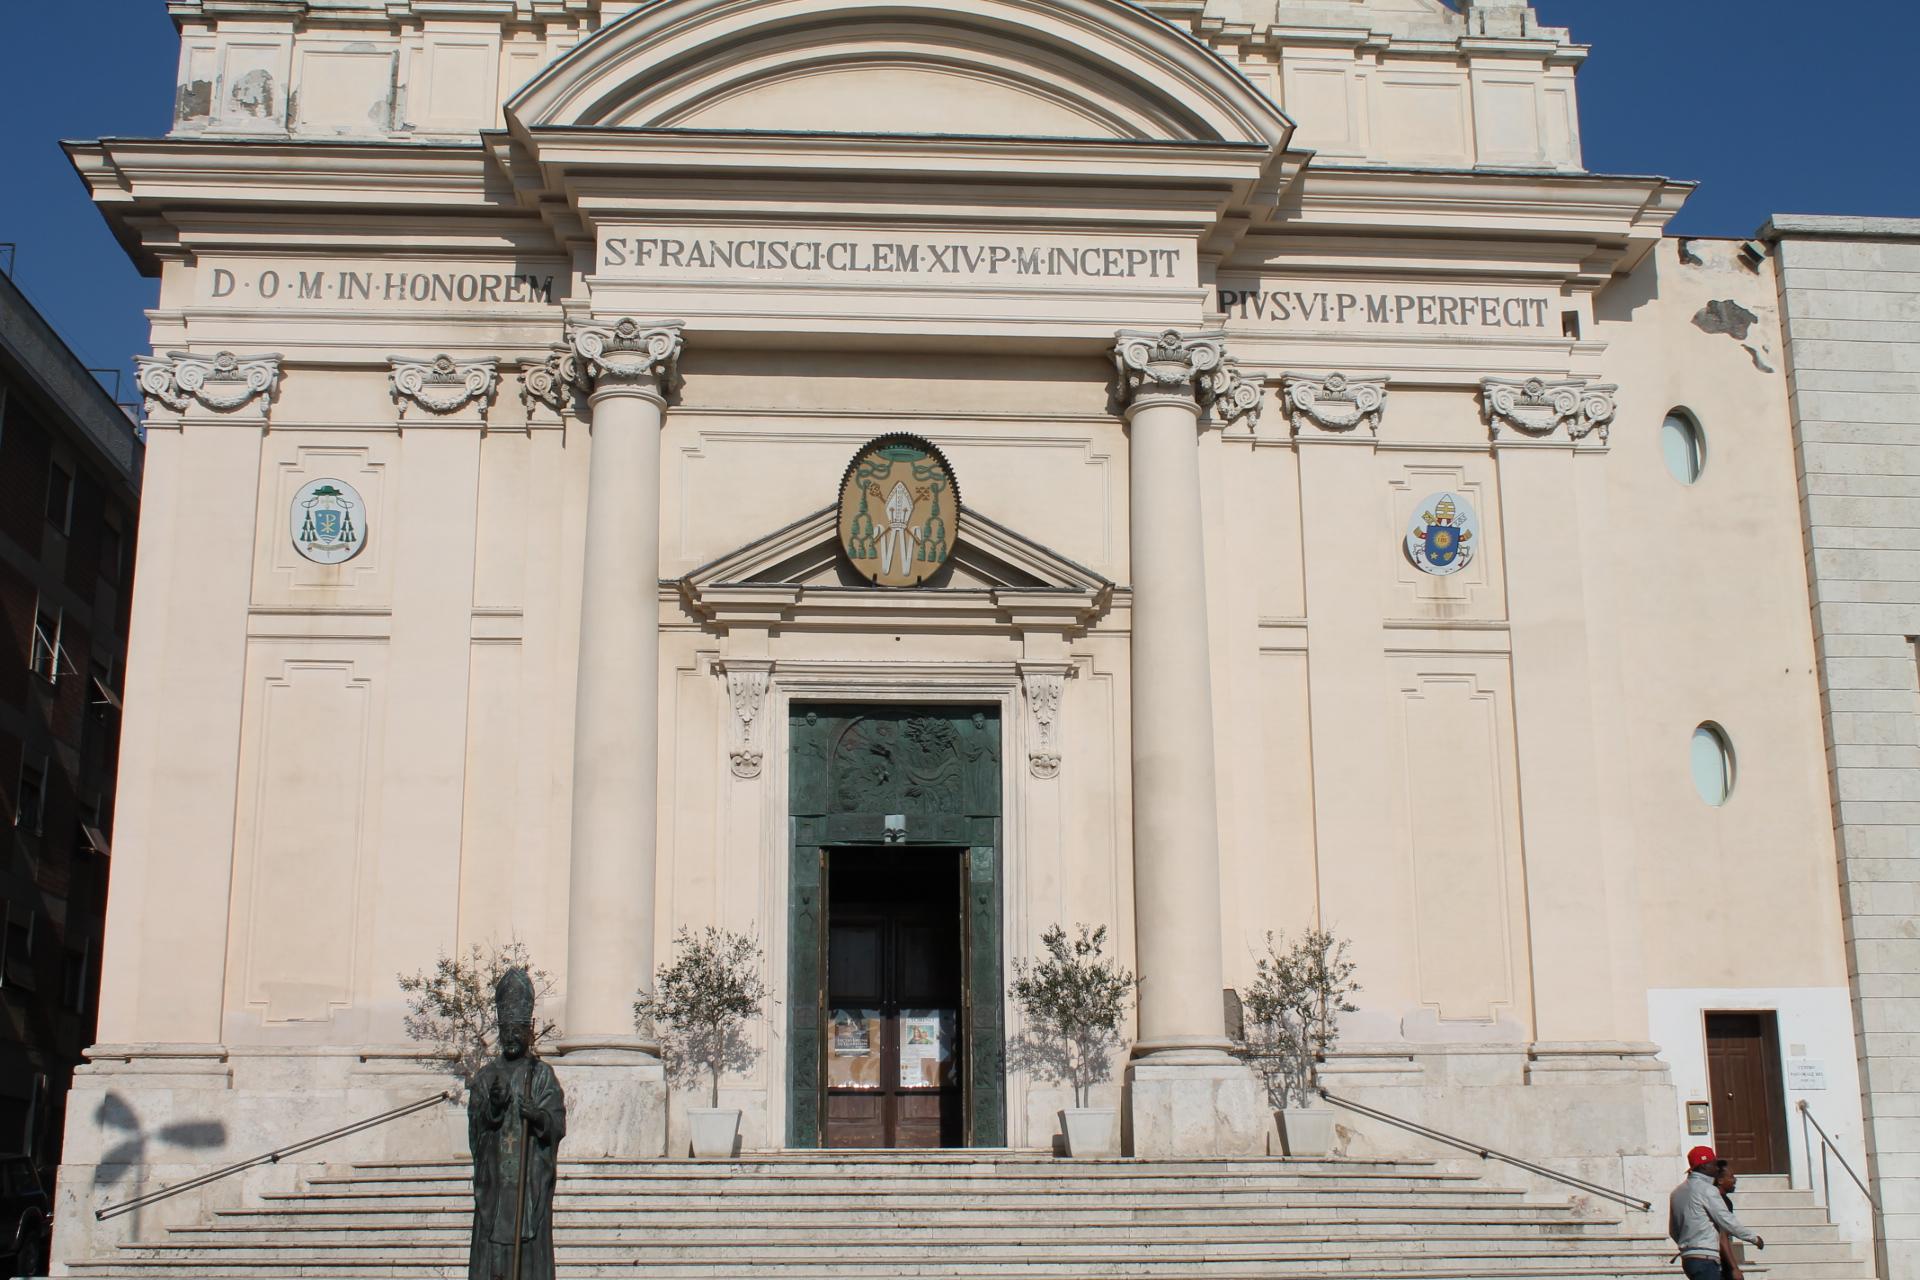 Le celebrazioni per i 35 anni di presenza dell'Unitalsi a Civitavecchia